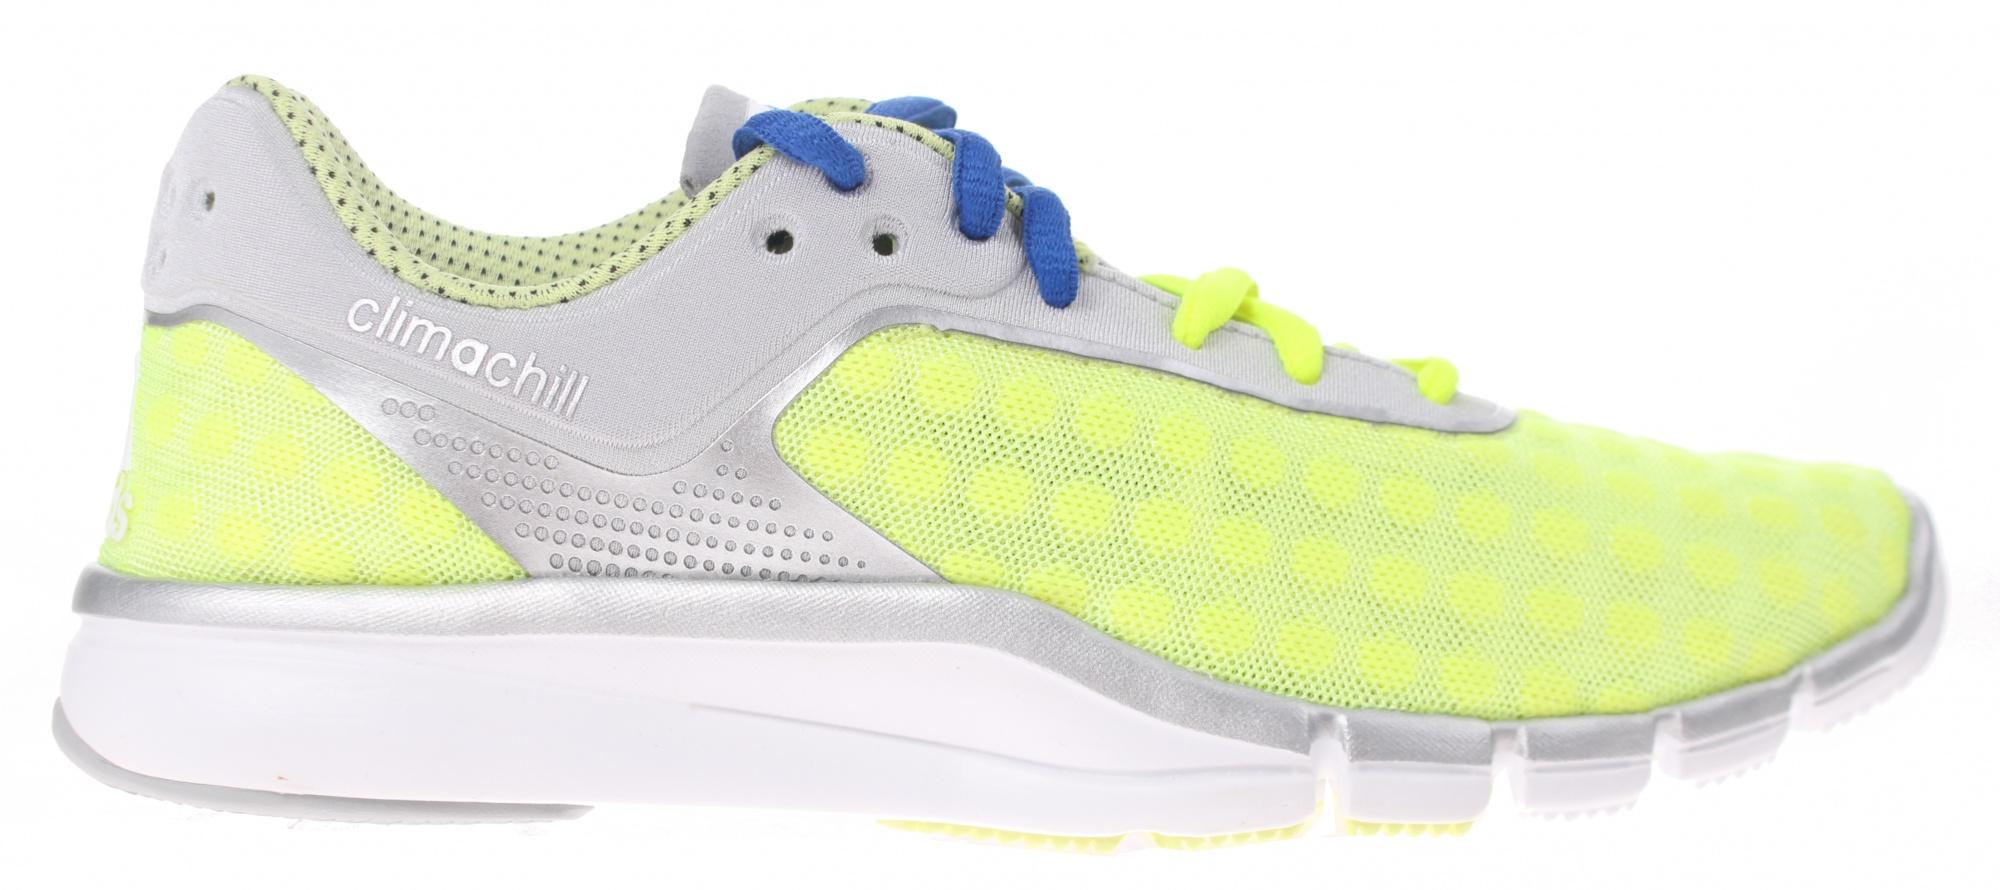 Schuhe Netz Netz Adidas Adidas Schuhe Damen Damen Adidas